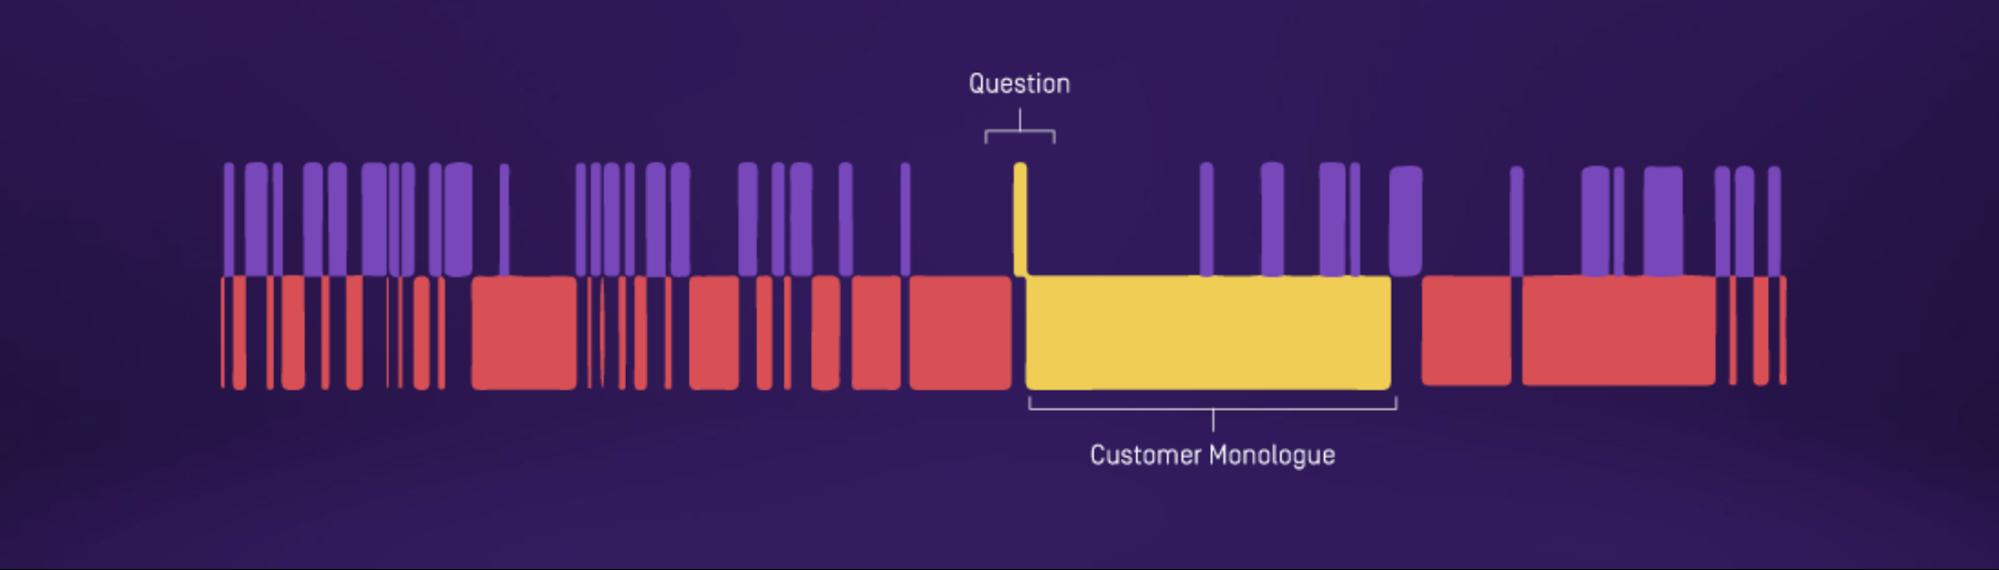 Long questions sales tactic